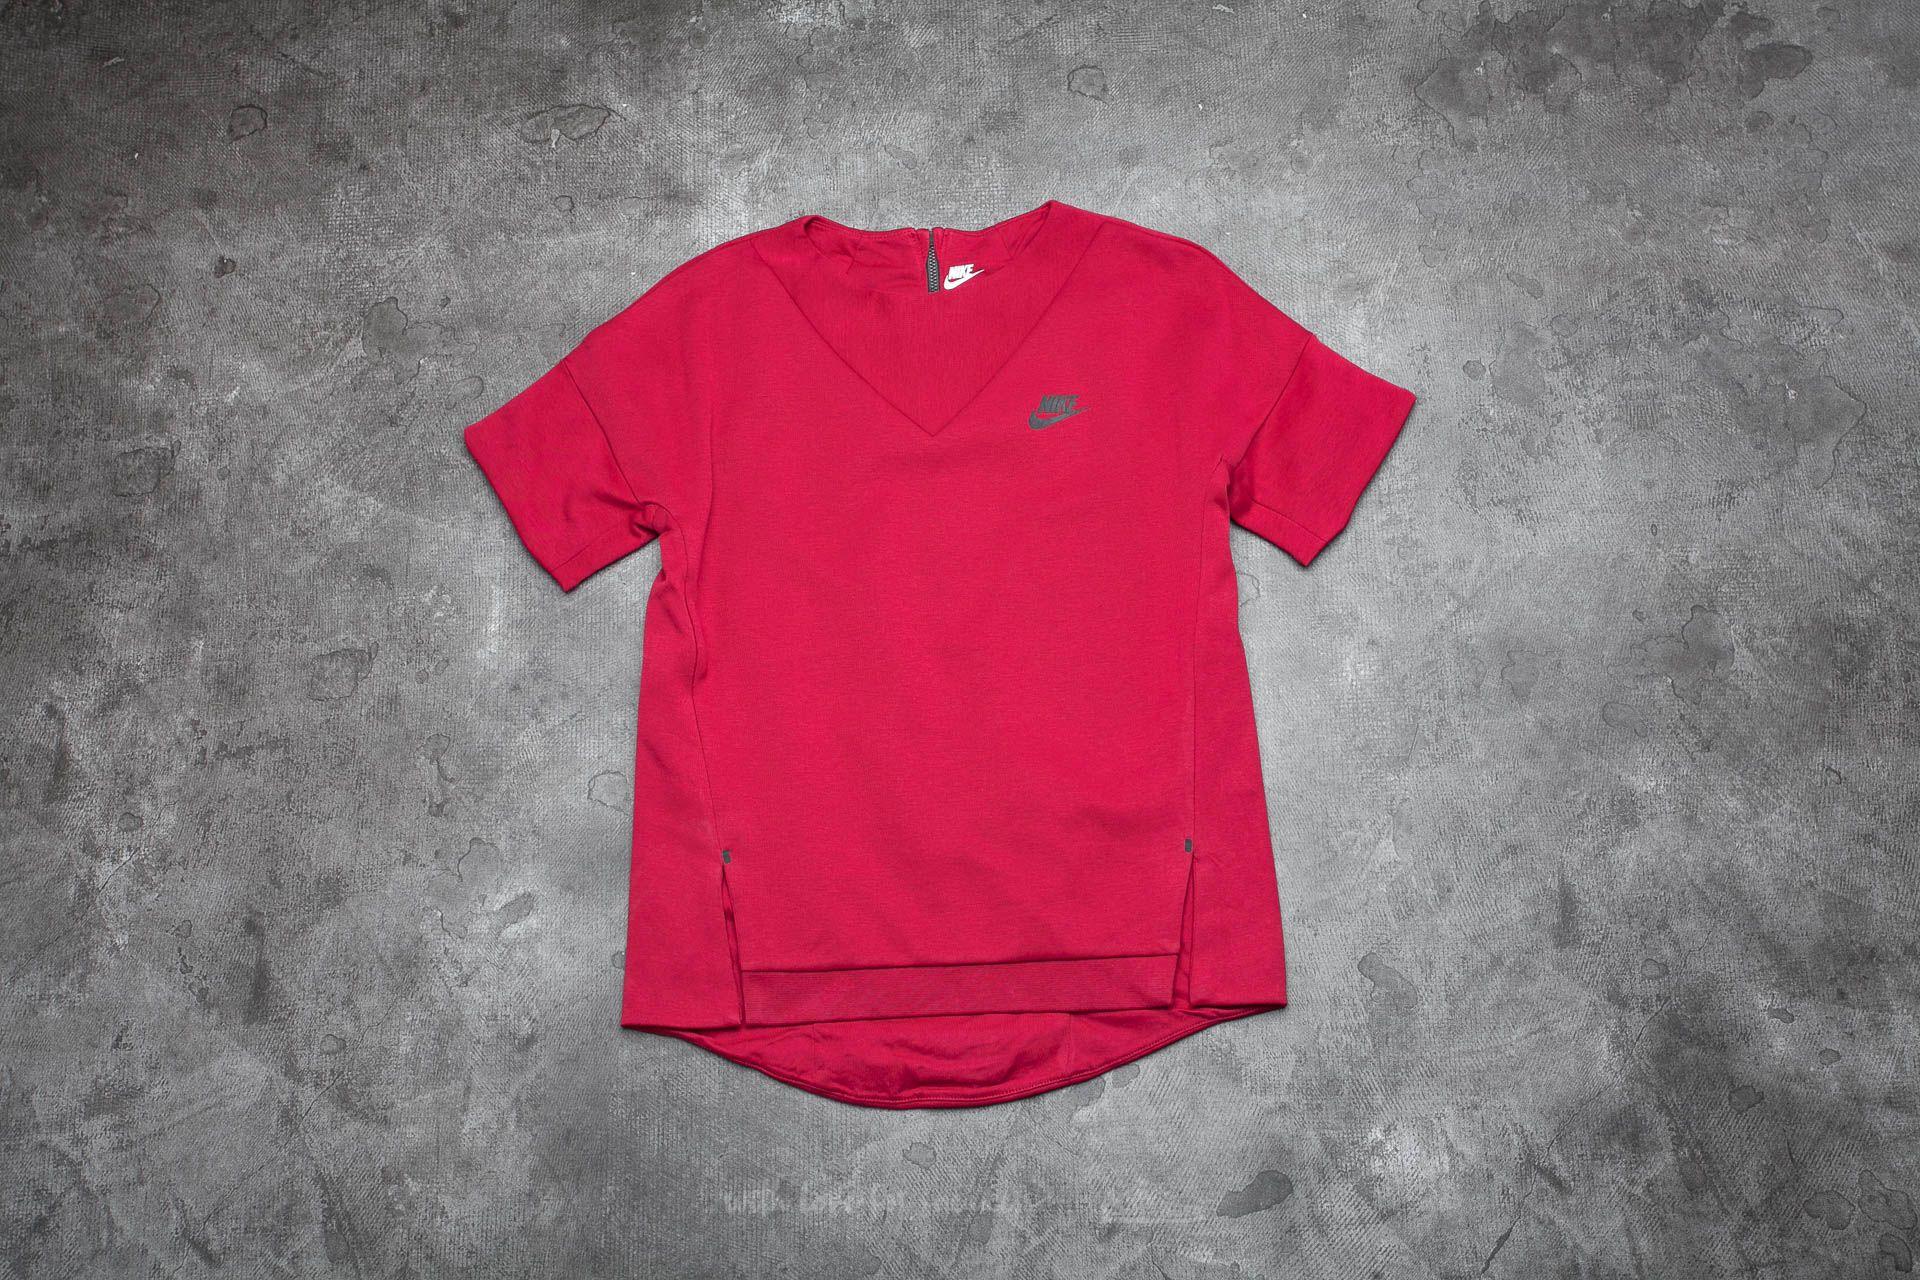 Nike Sportswear Tech Fleece Women's Crew Noble Red/ Noble Red/ Black